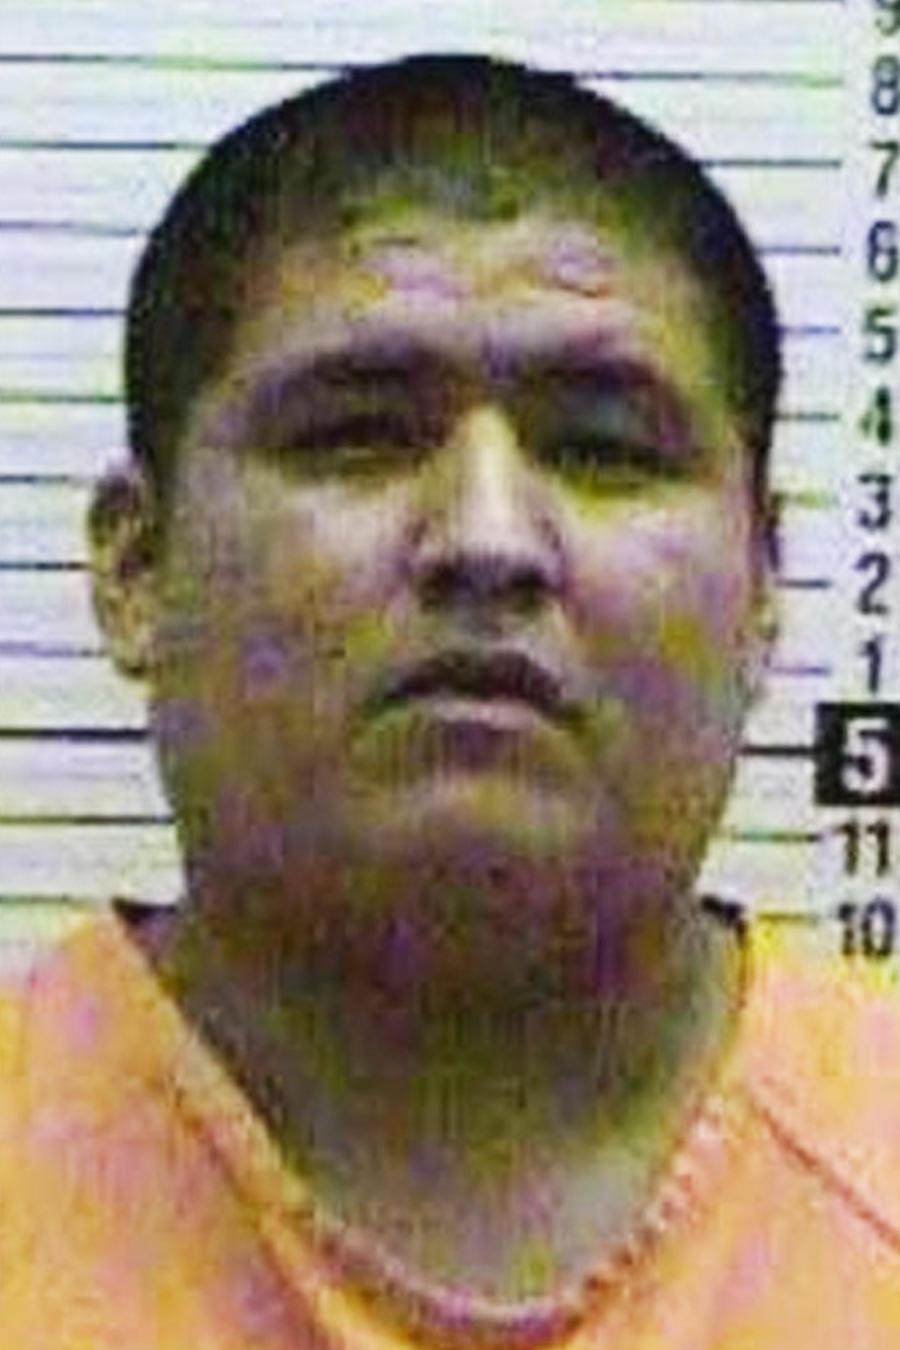 arrestan hombre por matar amigo